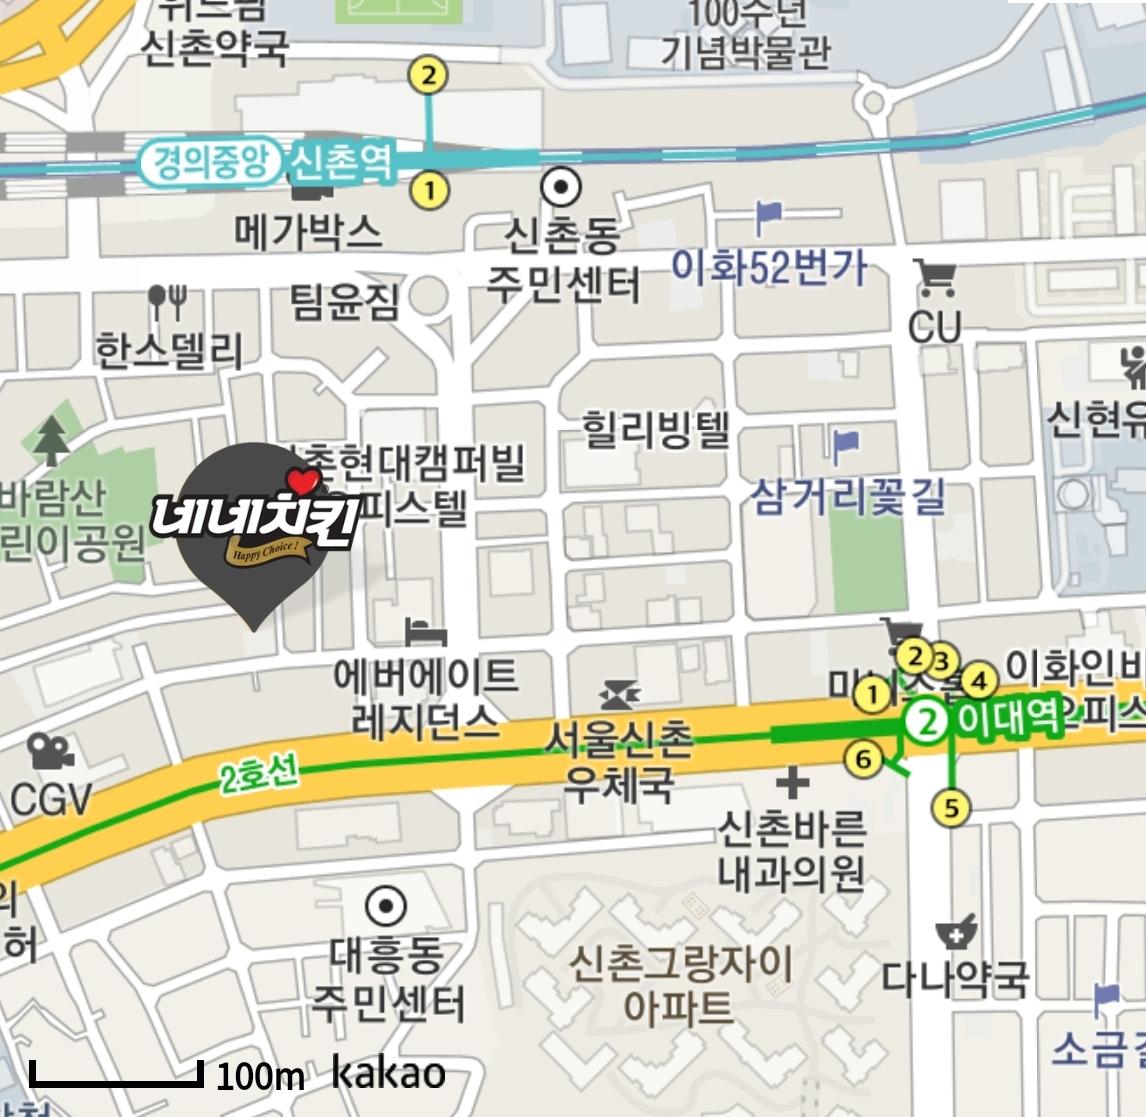 서울서대문구이대역점